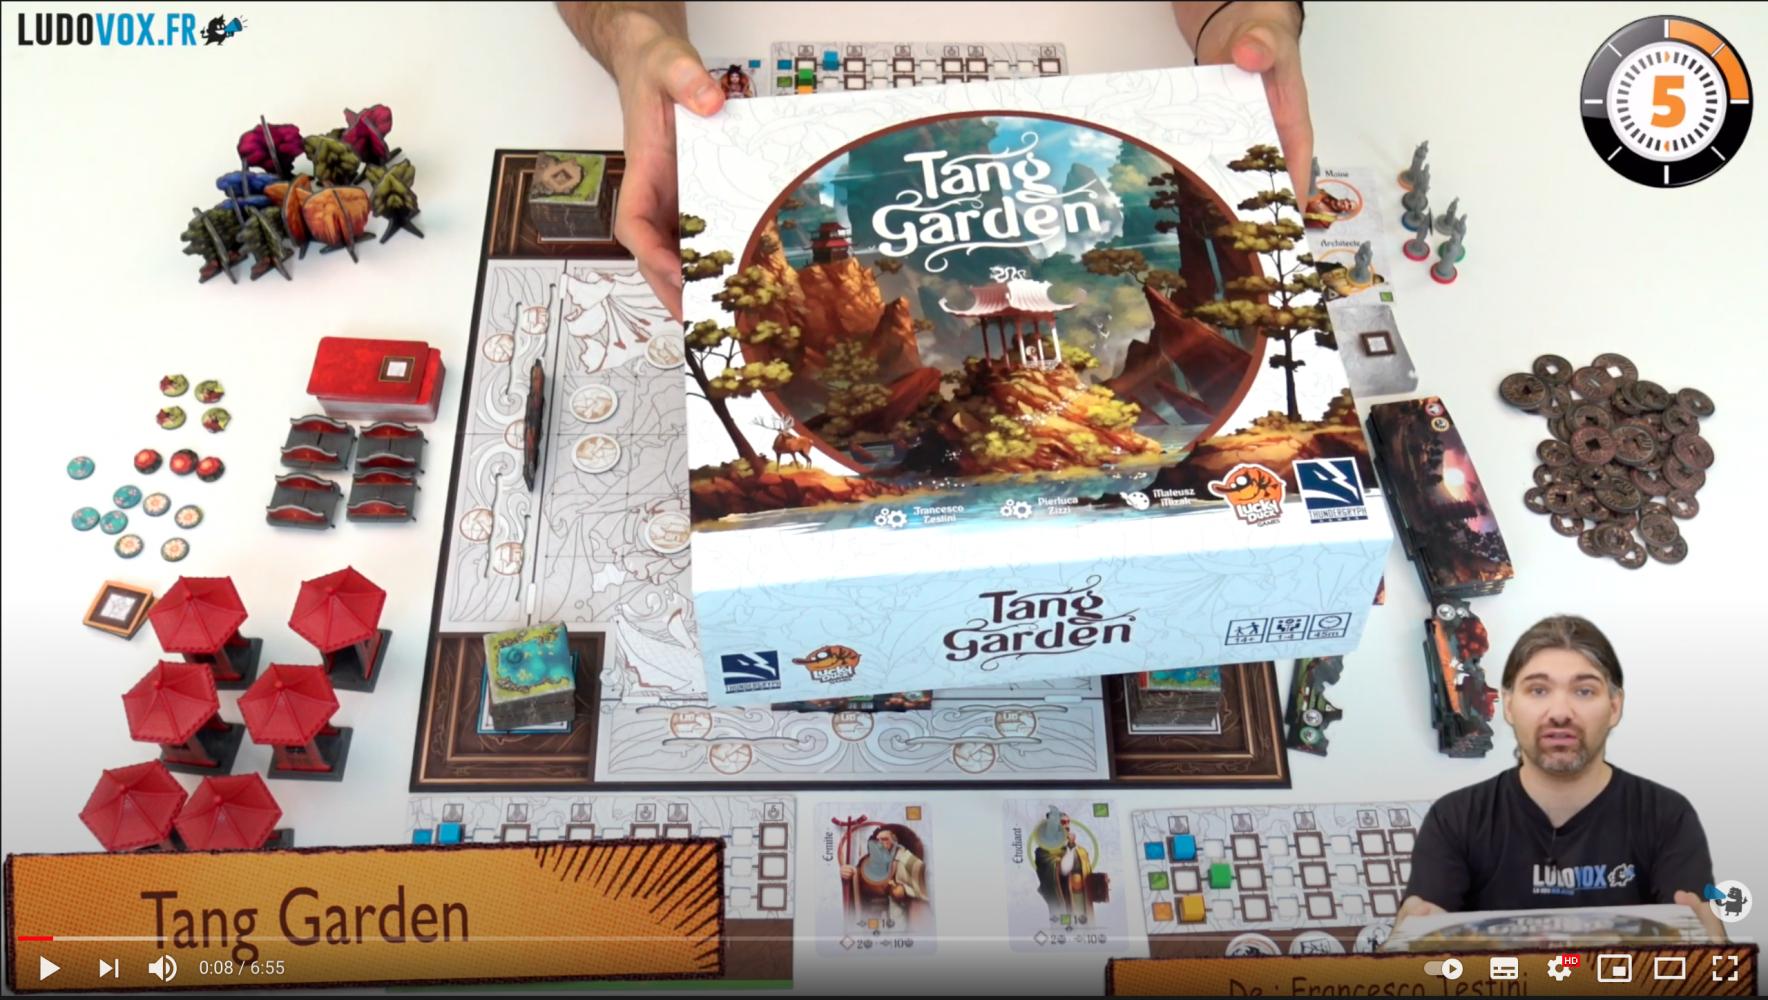 Ludochrono - Découvrez Tang garden en 5 minutes